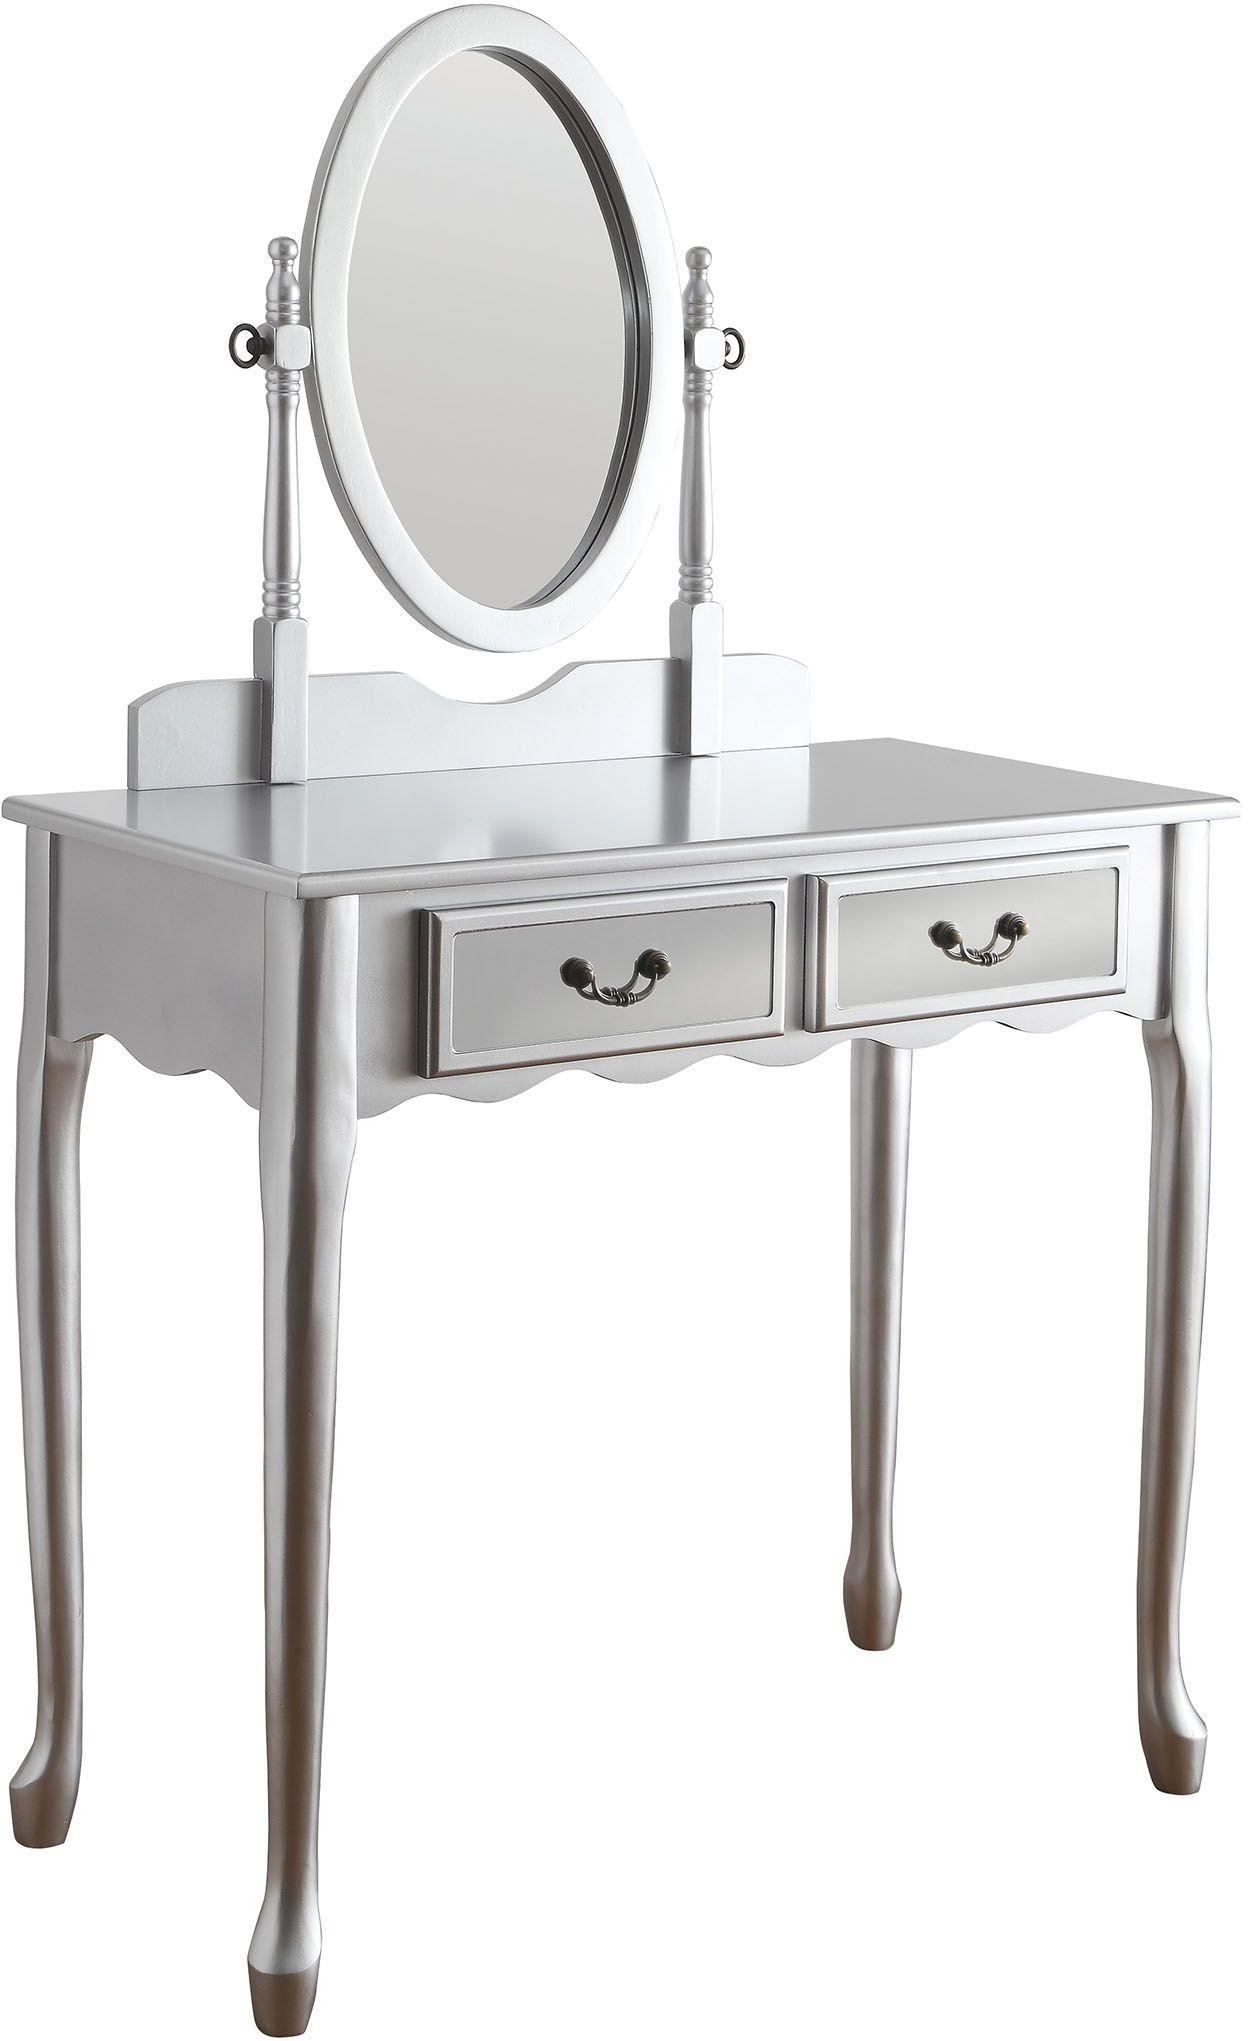 Silver vanity stool